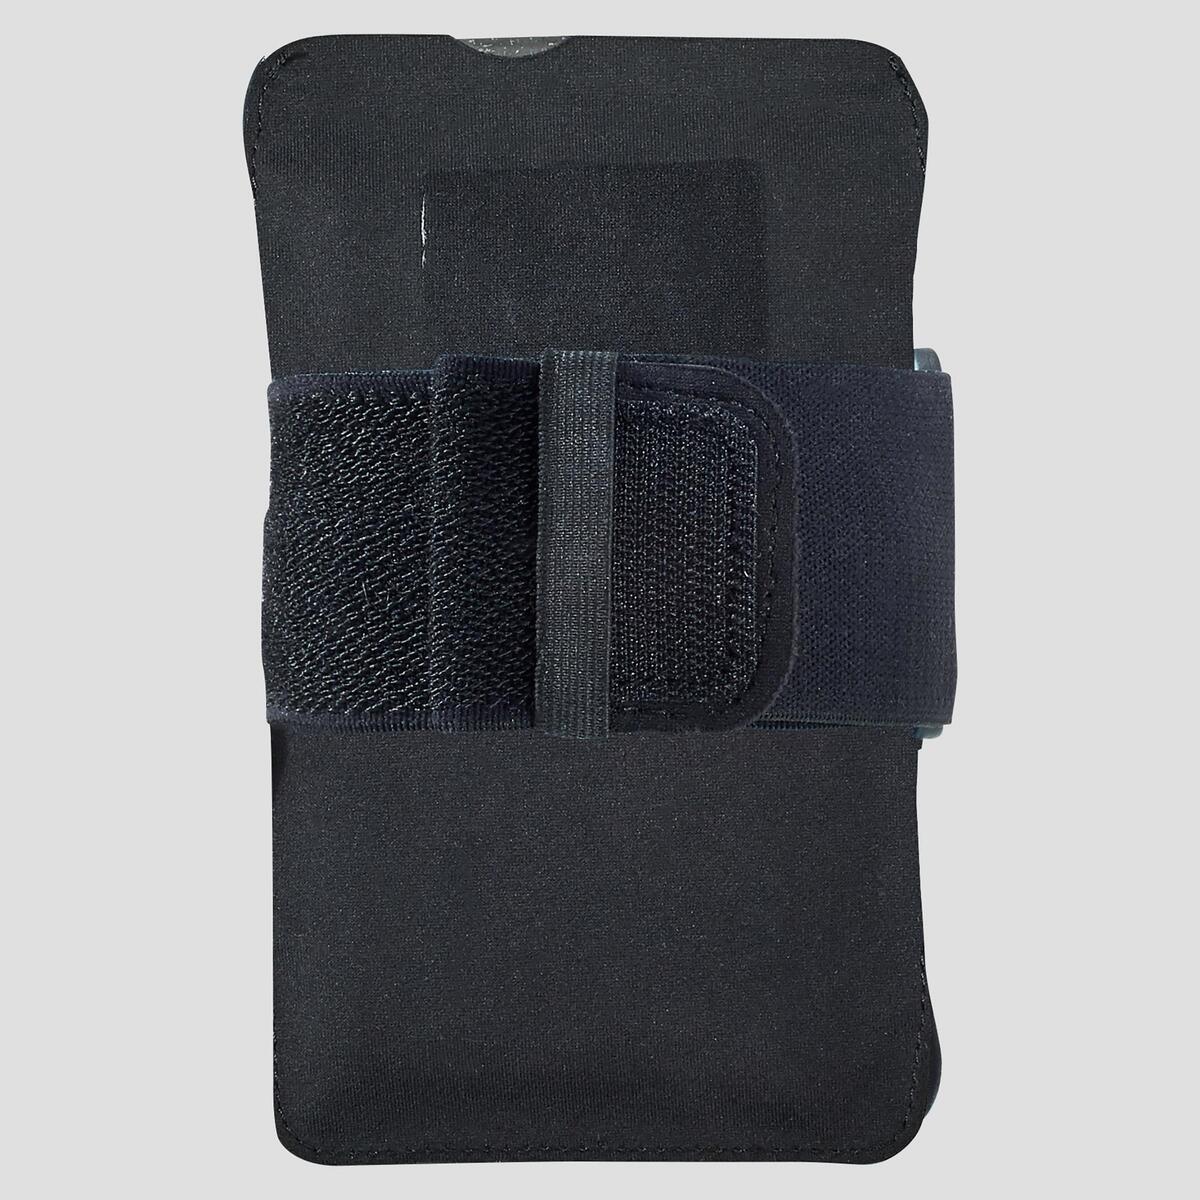 Bild 4 von Laufarmband für Smartphones groß schwarz